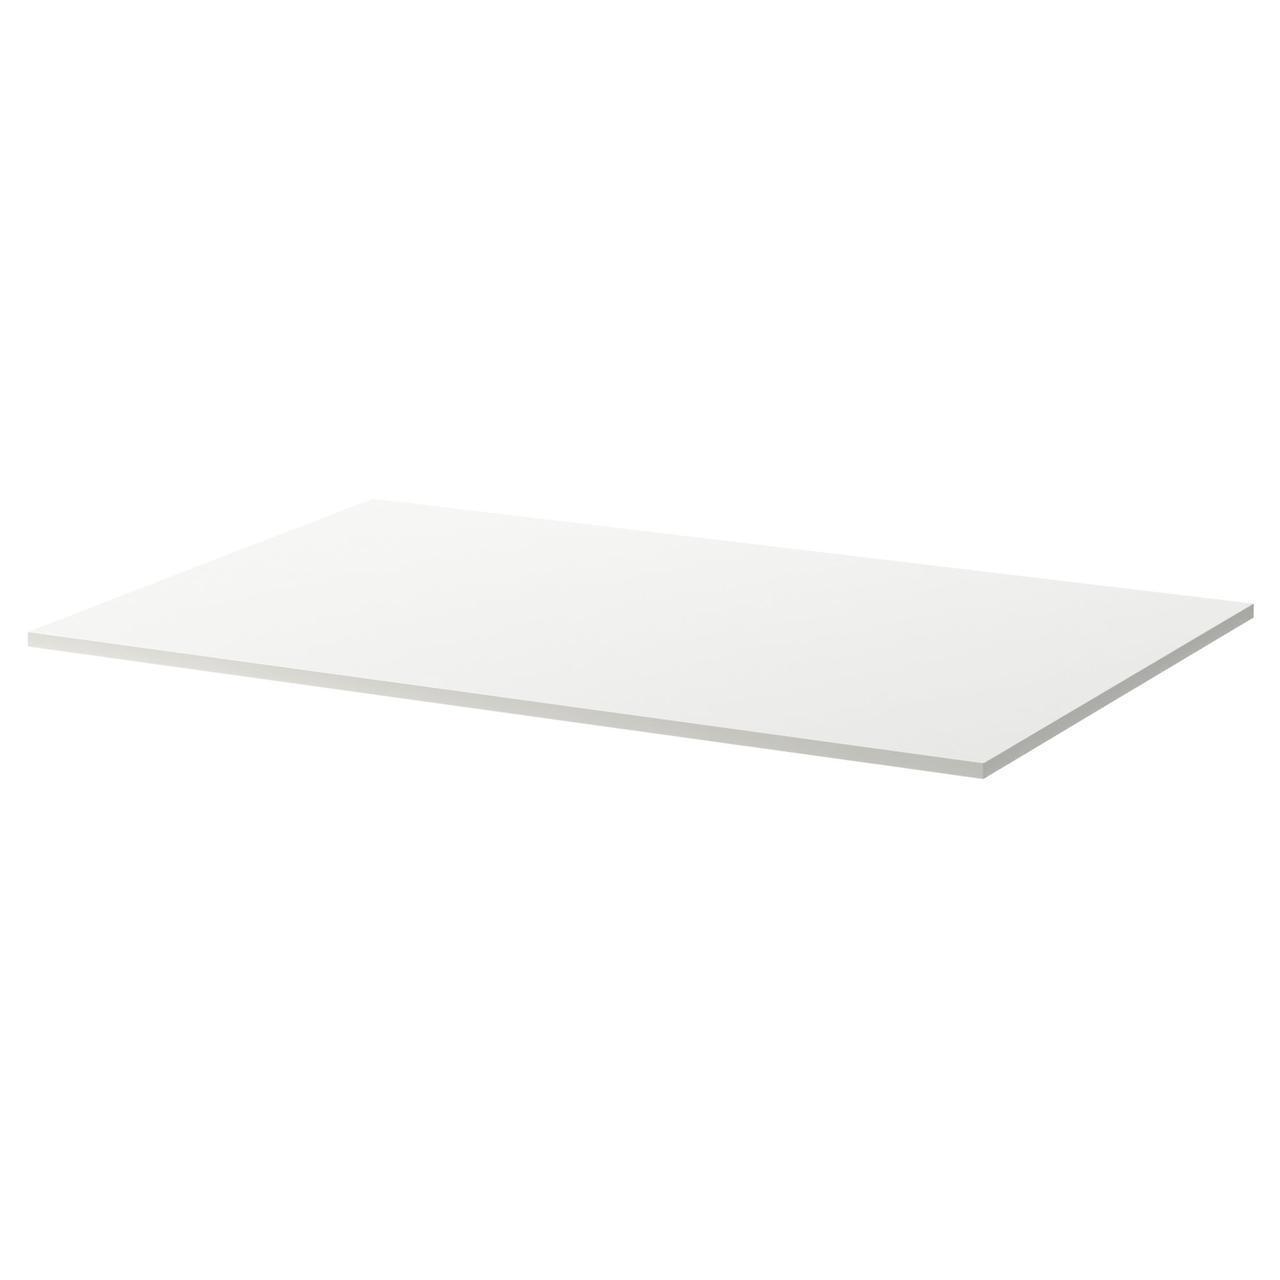 Столешница IKEA MELLTORP 75х125х2 см белая 902.800.96